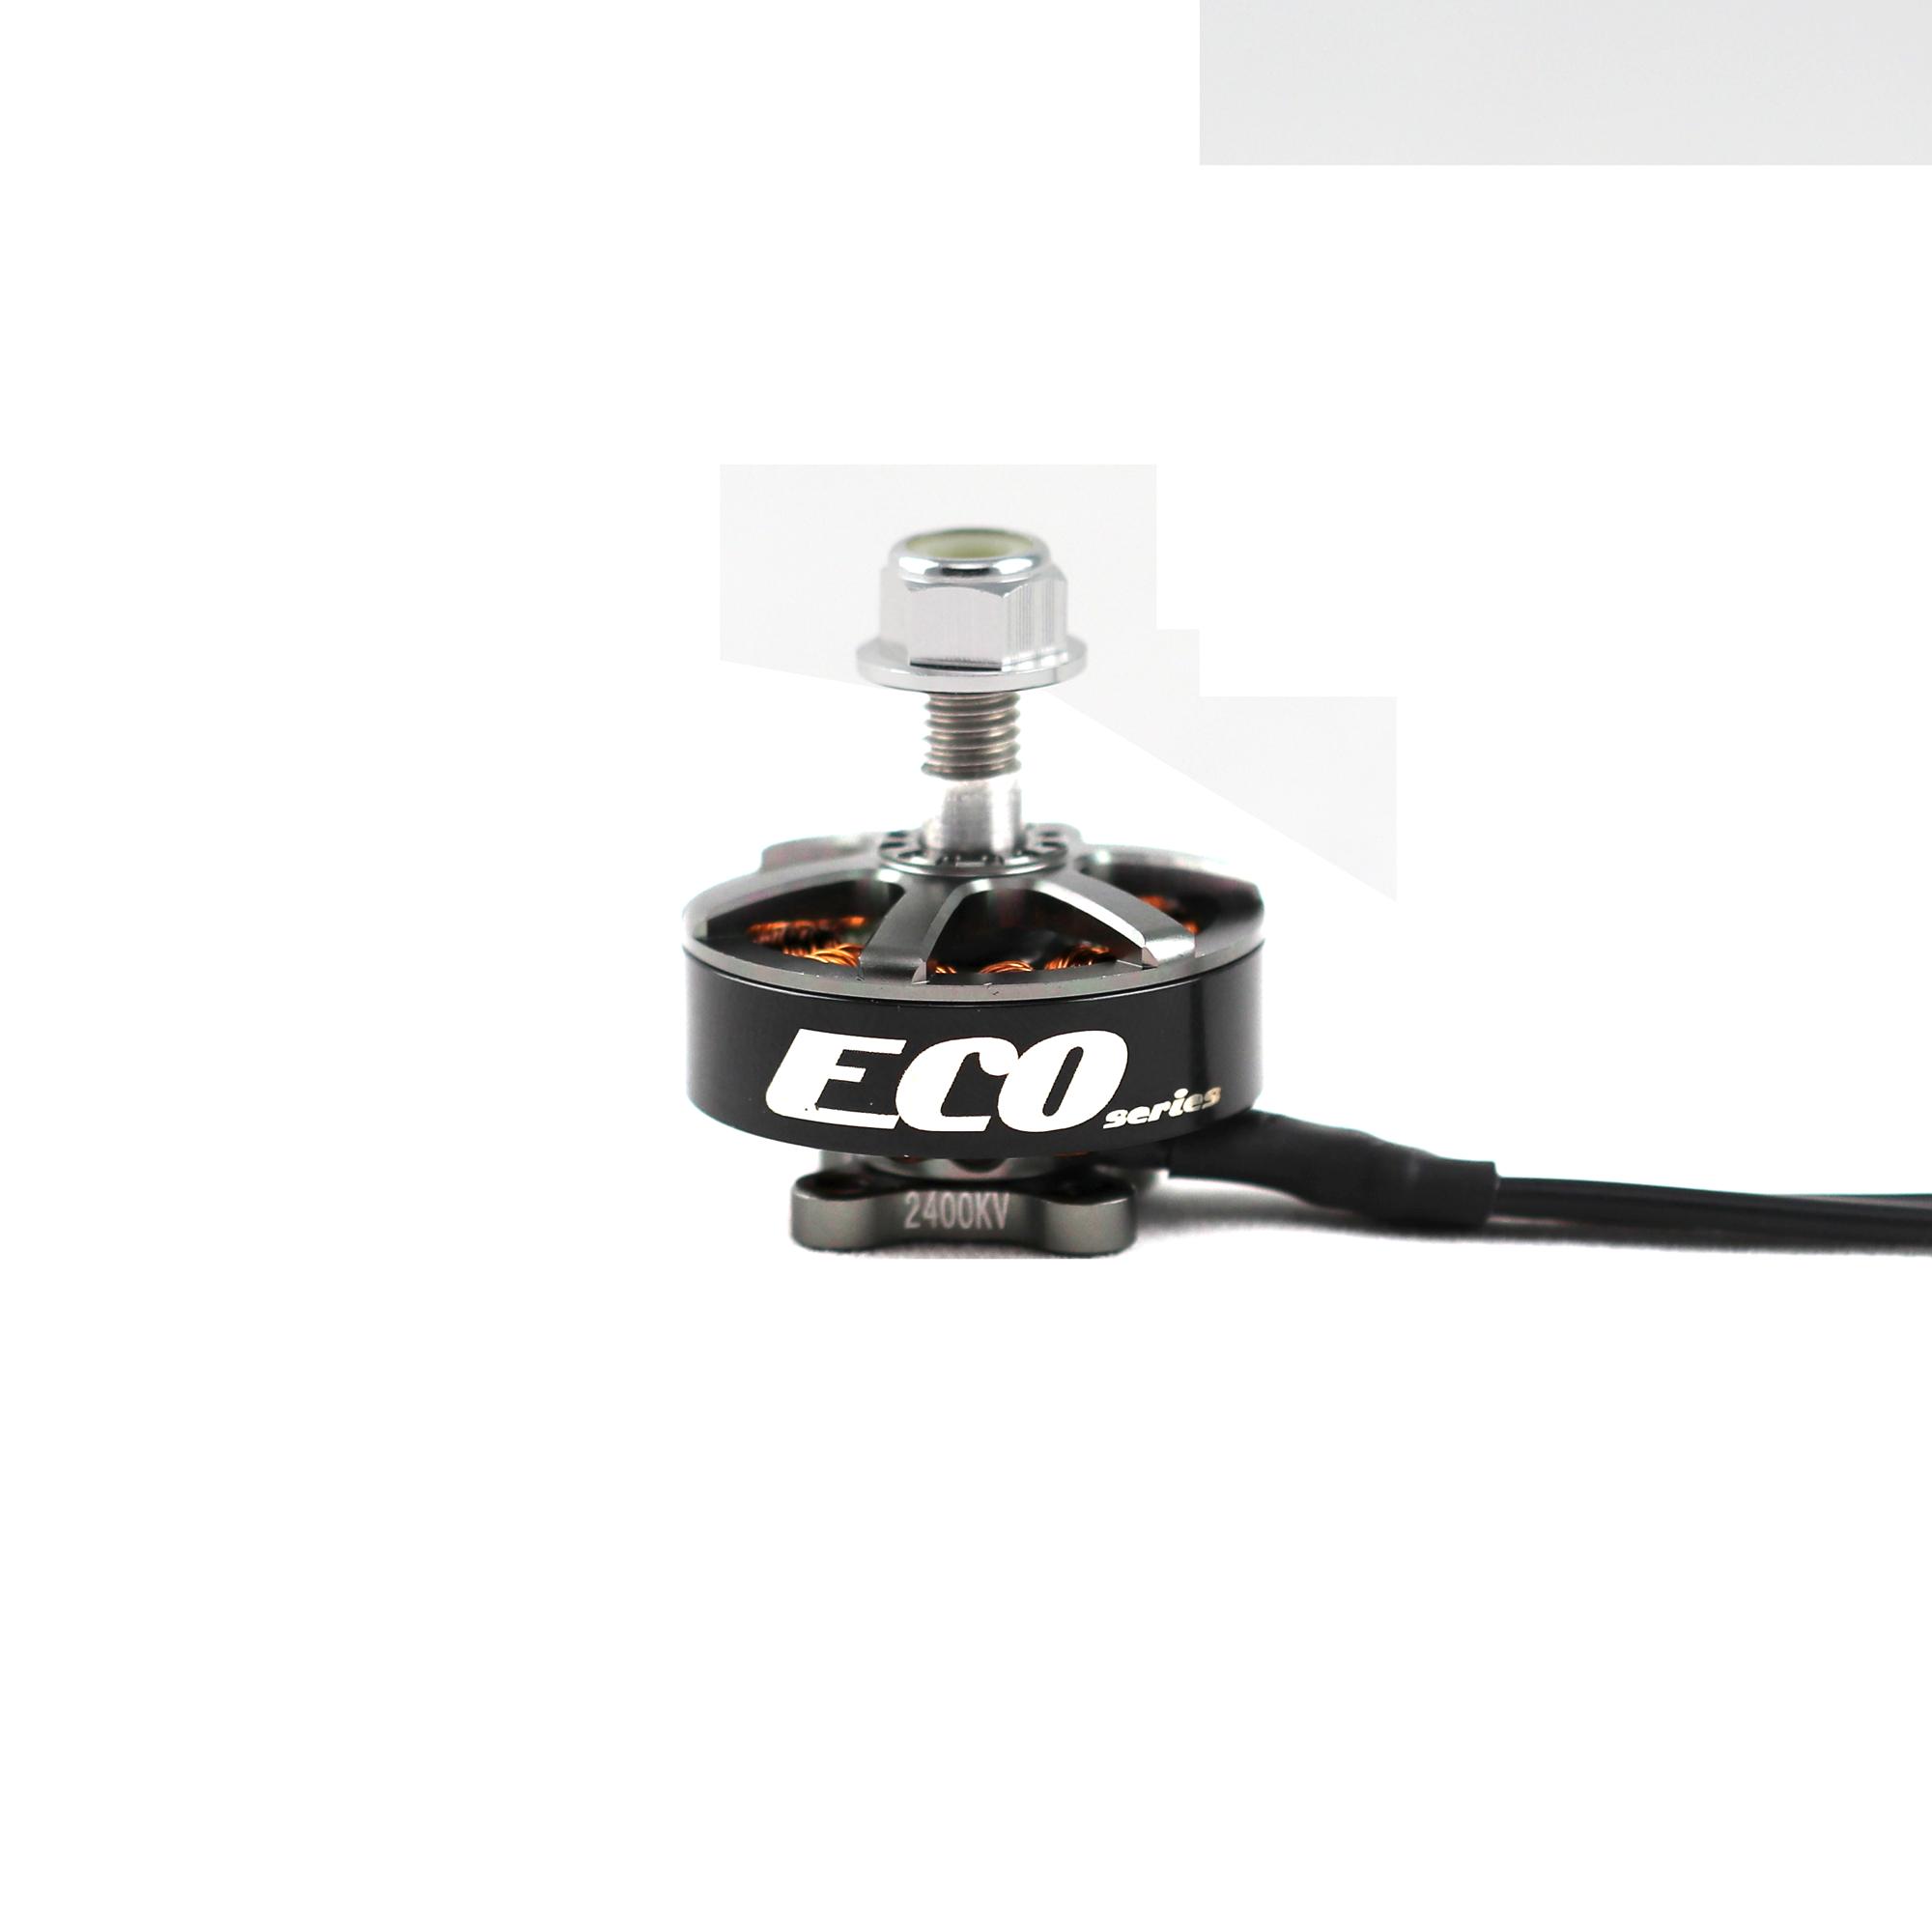 EMAX ECO SERIES 2400KV brushless motor